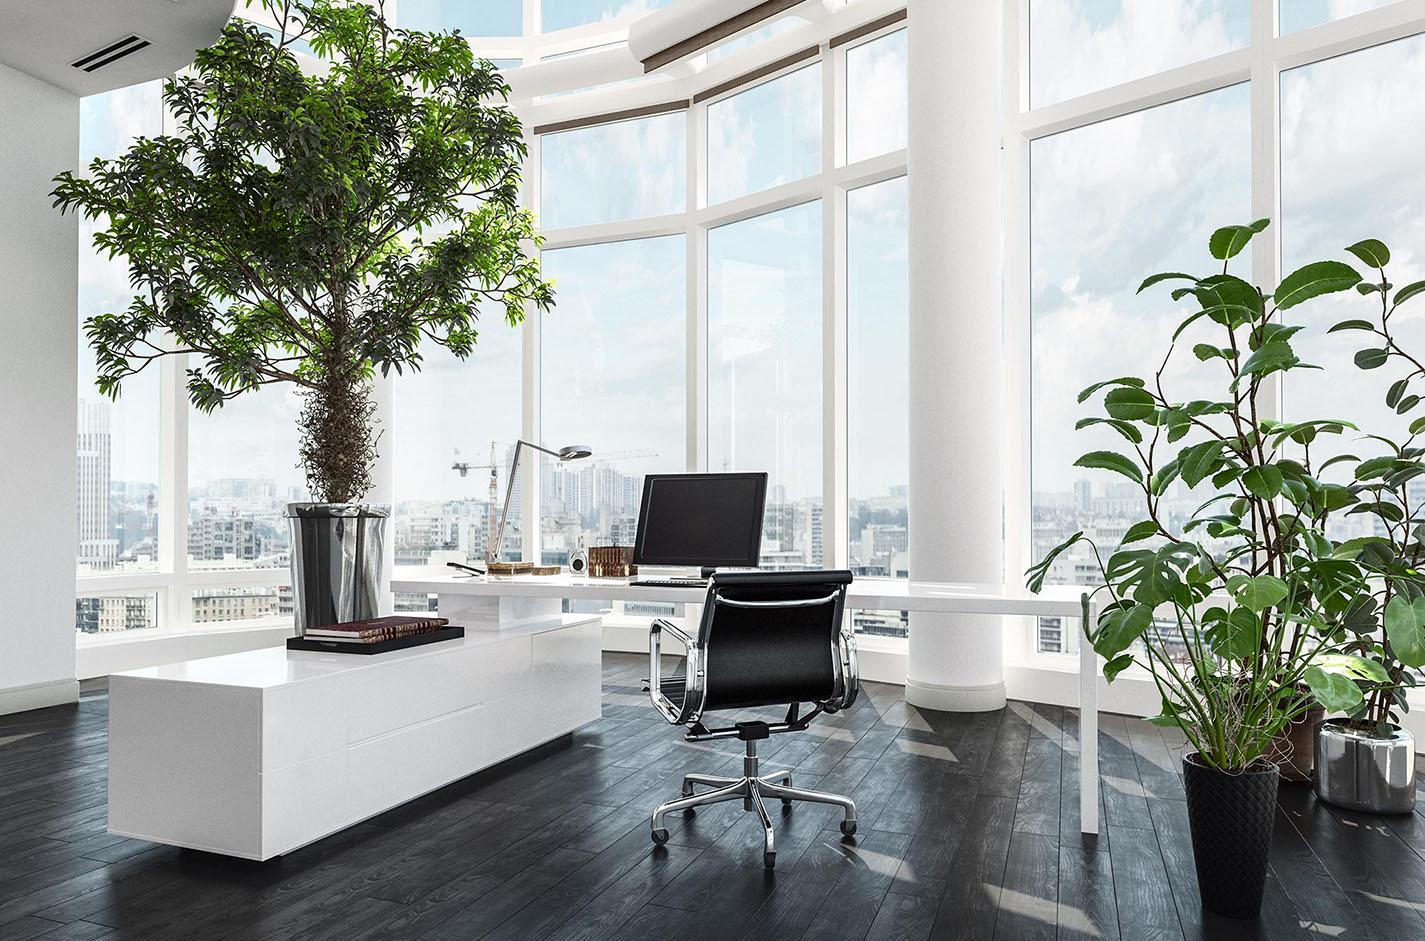 Immobilier de bureau grandes tendances d'aménagement